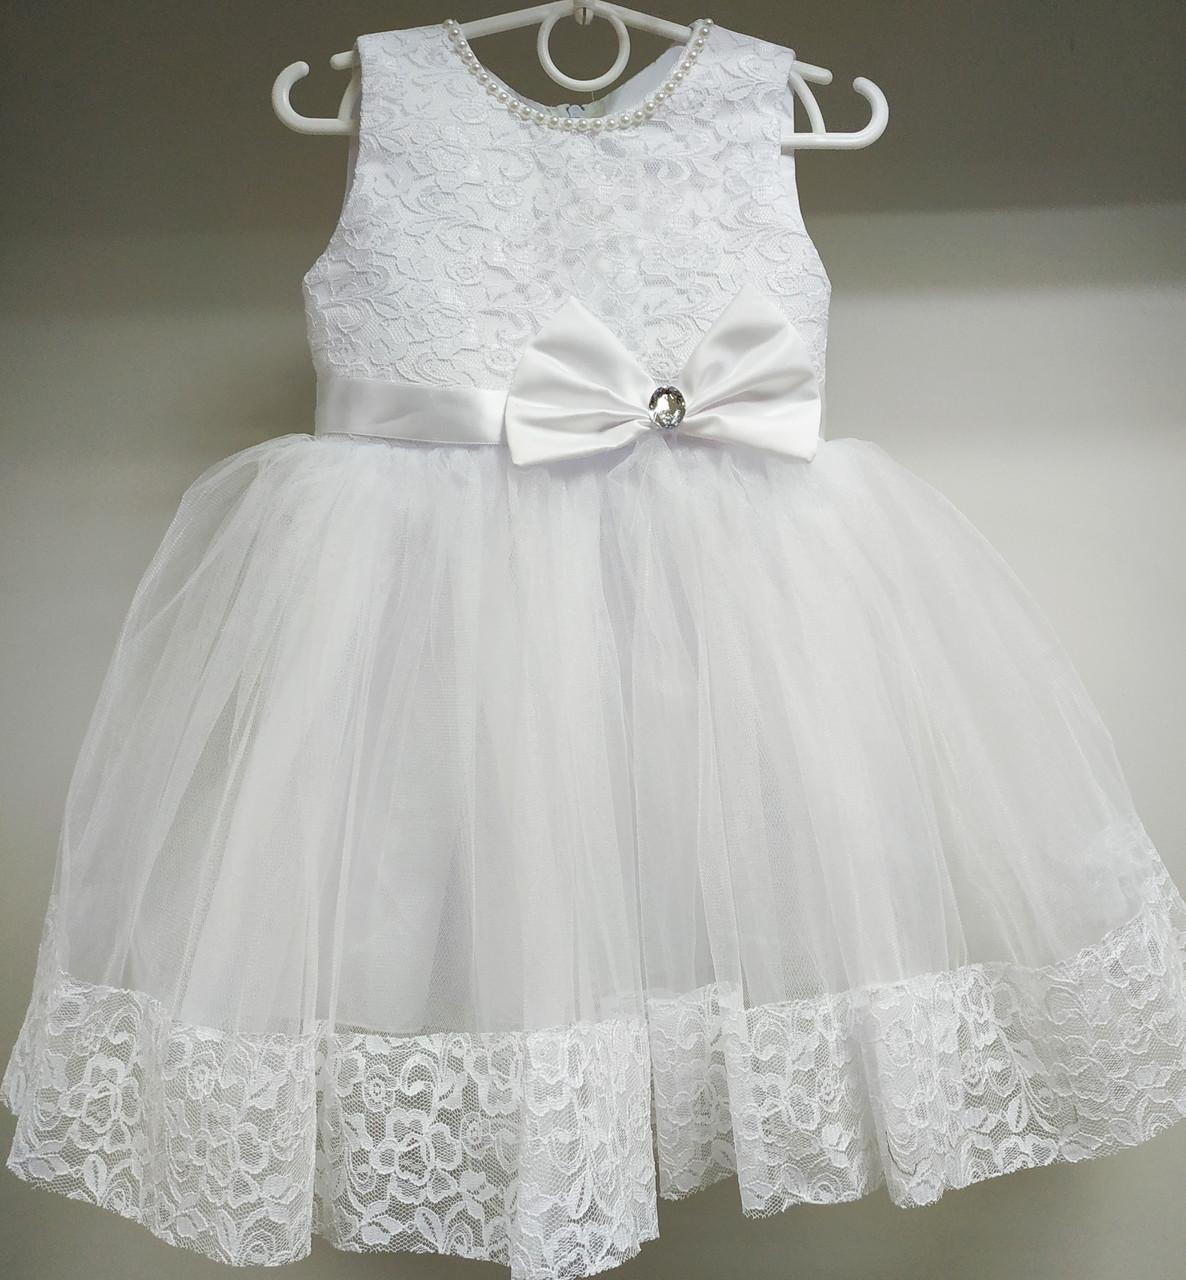 ba425f0f179 Детское нарядное бальное платье для девочки. Рост(92-98) возраст 2 ...